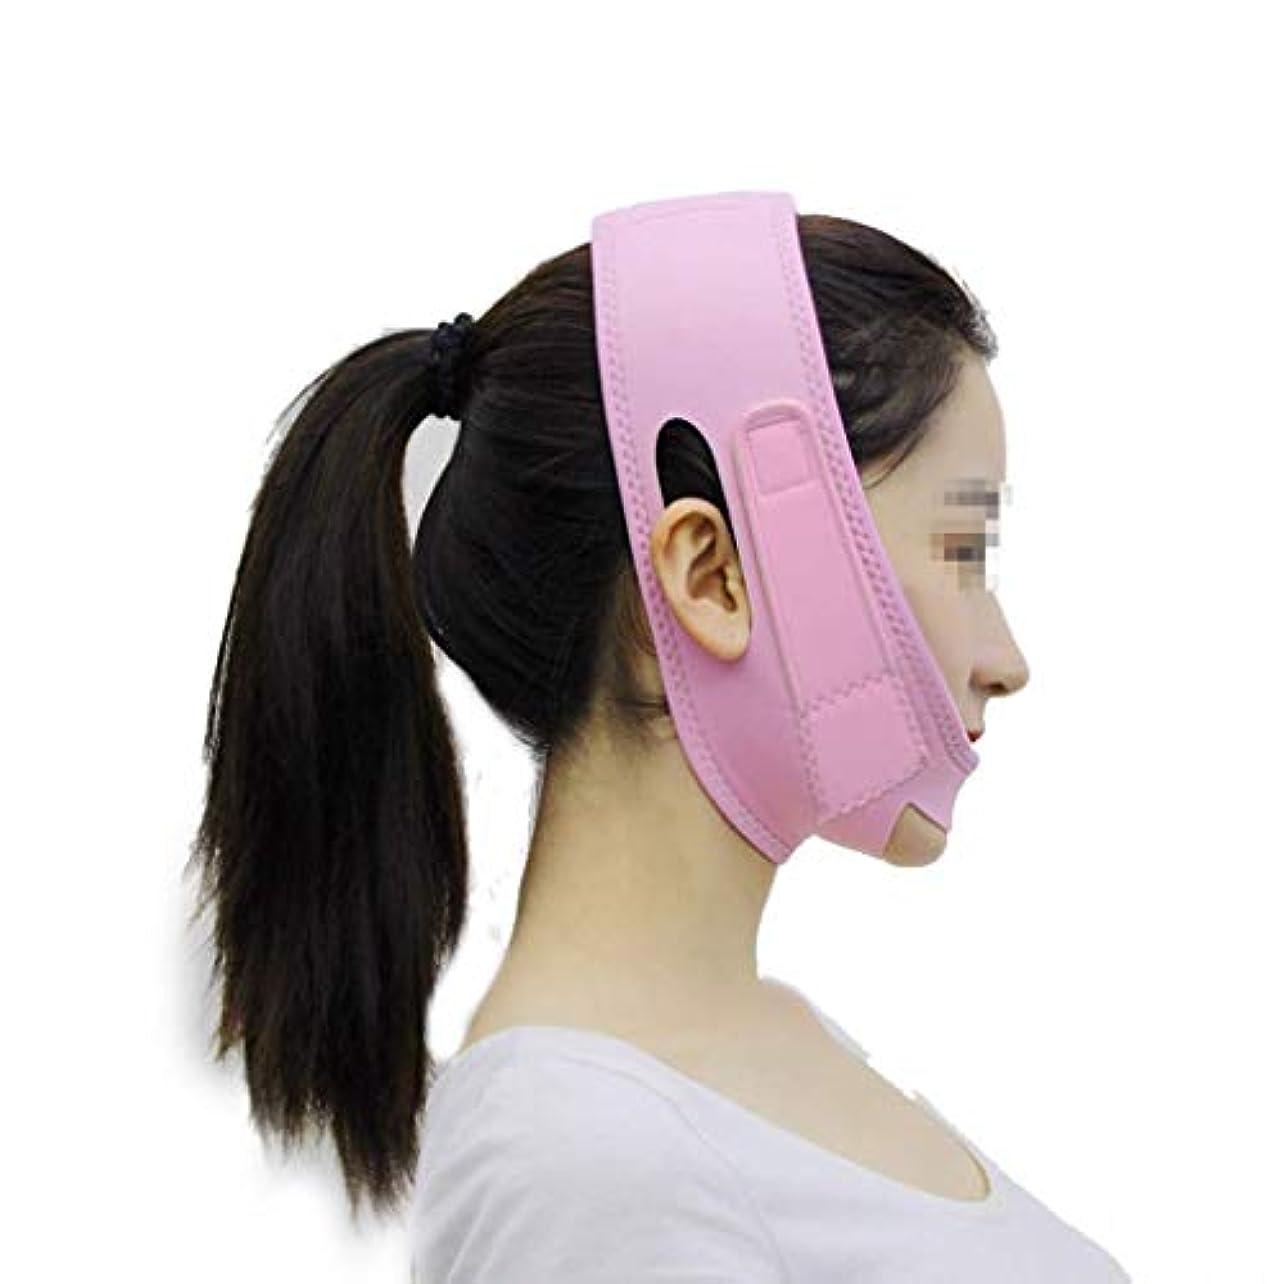 幻滅サイトあごひげスリーピングフェイスマスク、ライン彫刻形状で包帯包帯ツールV顔にダブルチンピンク